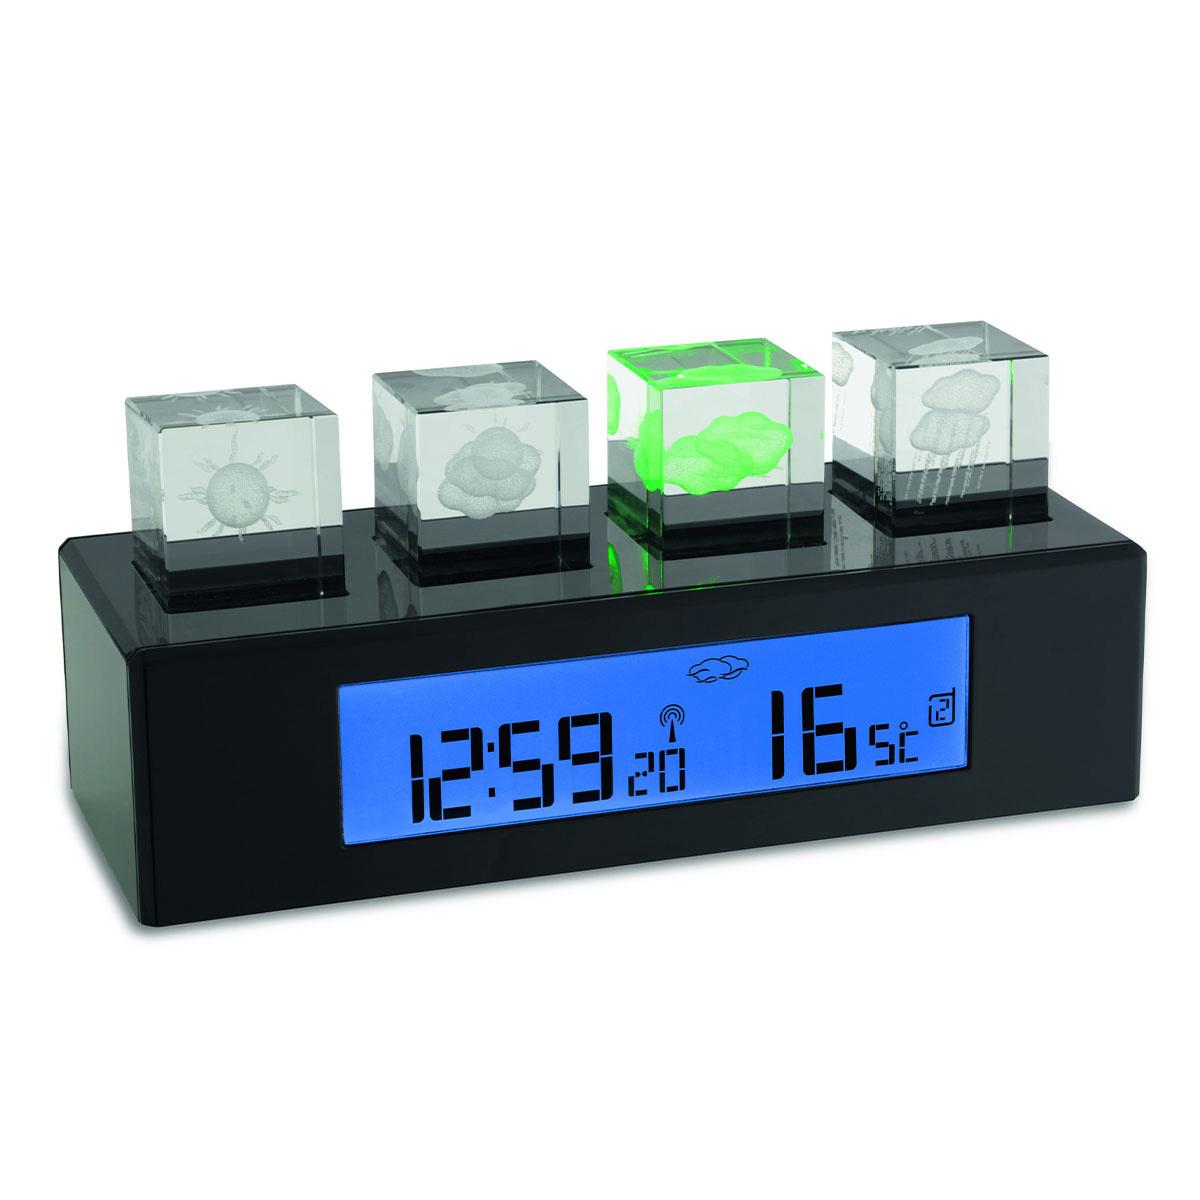 35-1110-funk-wetterstation-mit-3d-anzeige-crystal-cube-1200x1200px.jpg